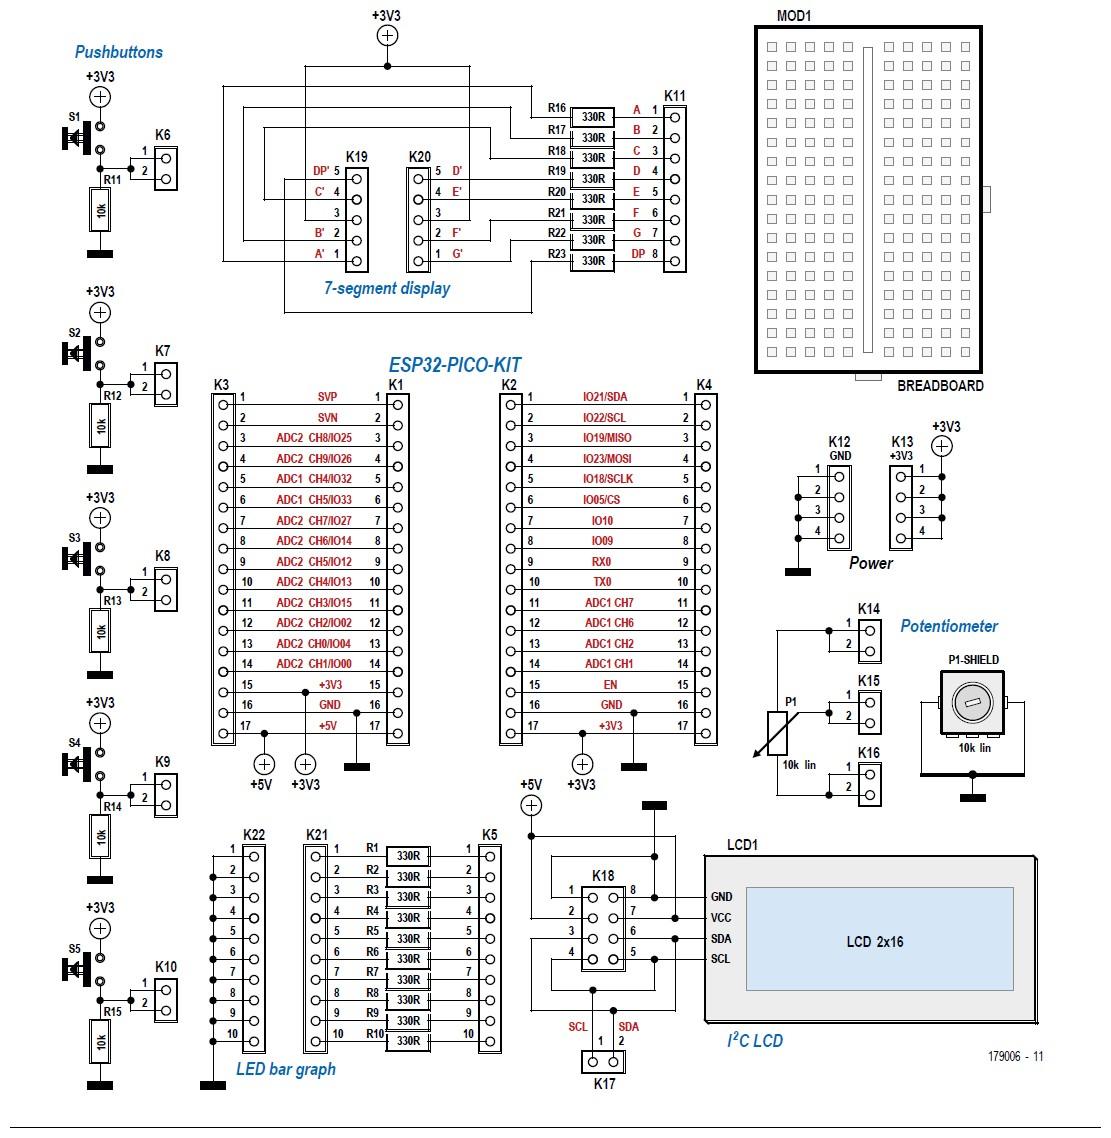 Figura 3: schema elettrico della scheda di sviluppo. I pin della scheda Pico ESP32 e delle periferiche come LED, pulsanti e display sono collegati a connettori femmina. Essi possono essere cablati liberamente